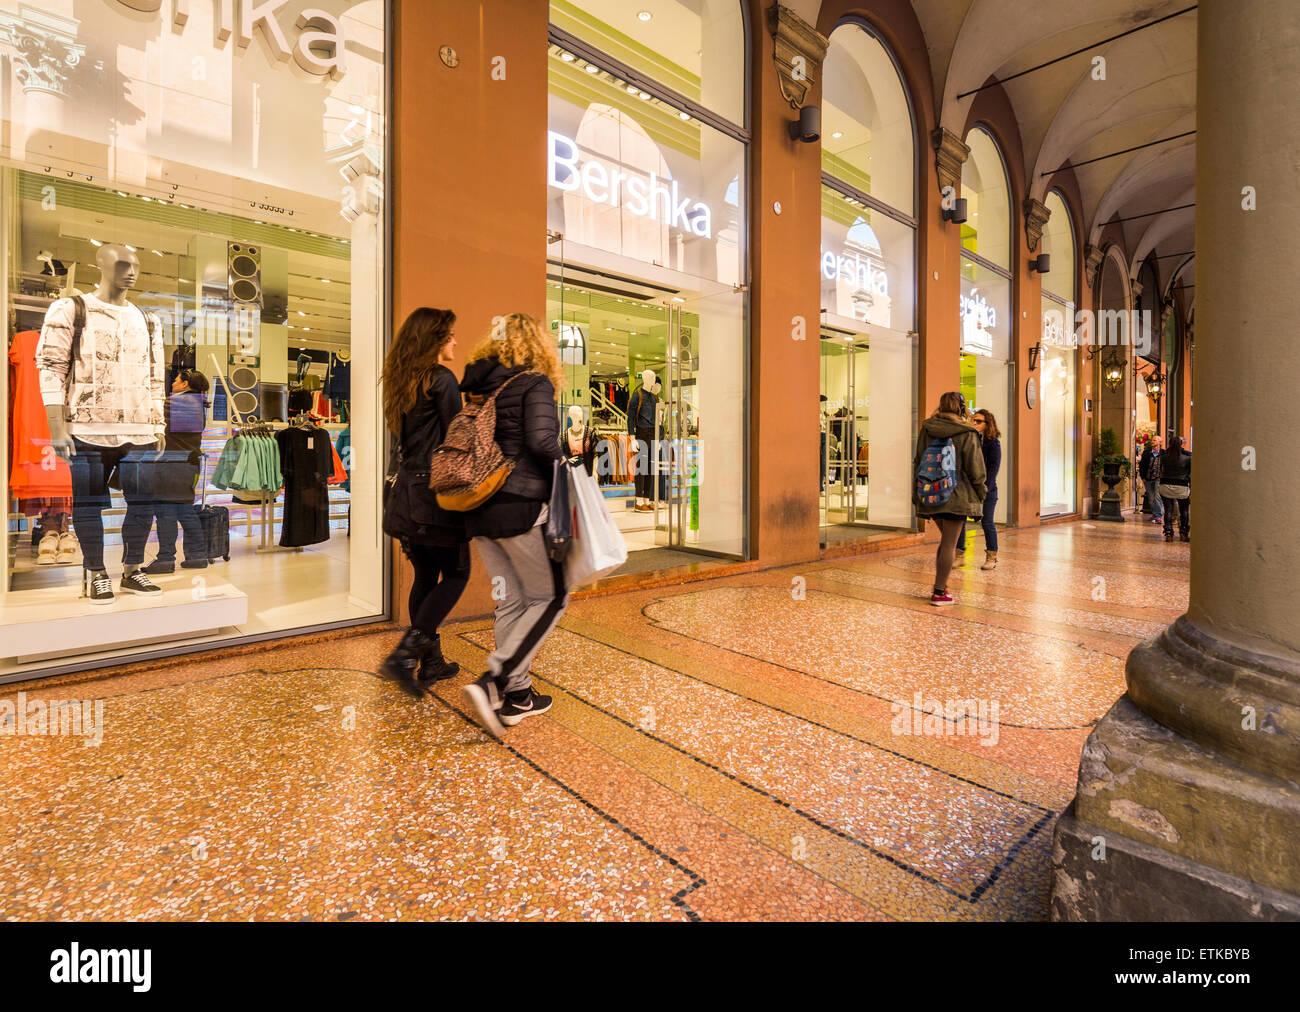 arcade outside Bershka clothing shop, Bologna, Italy - Stock Image